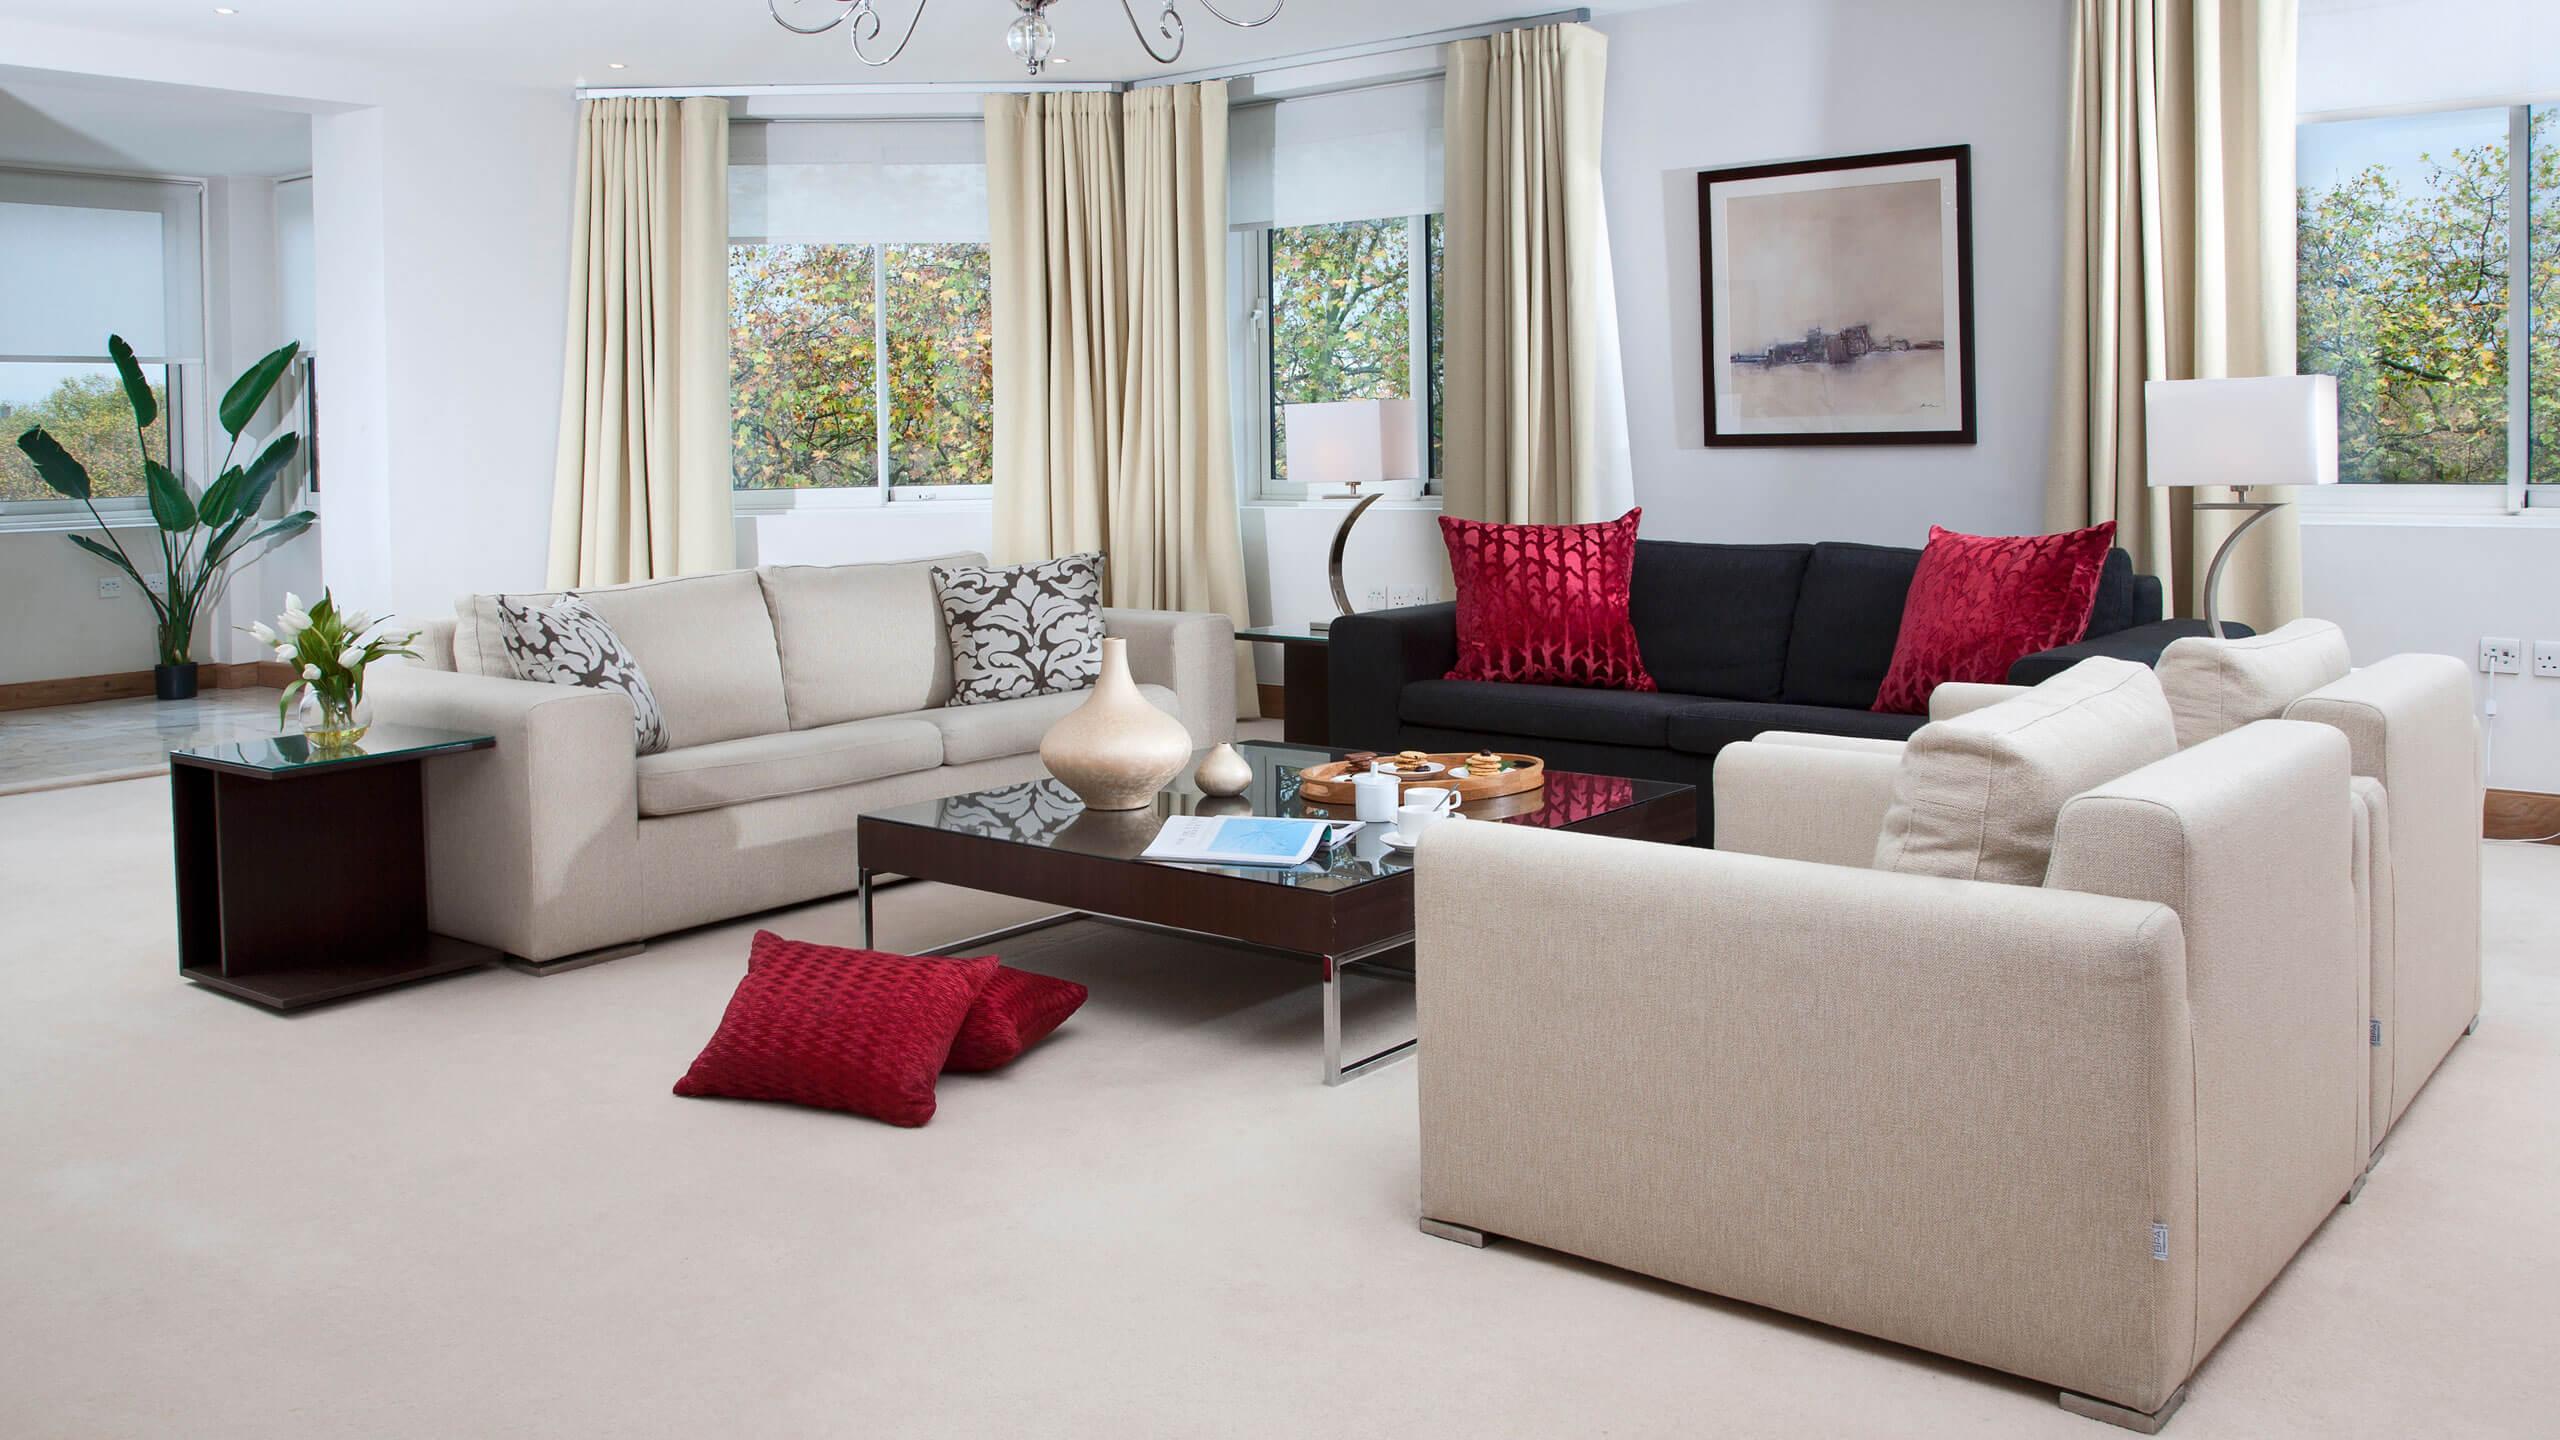 Arlington House | Serviced Apartments in Mayfair, London